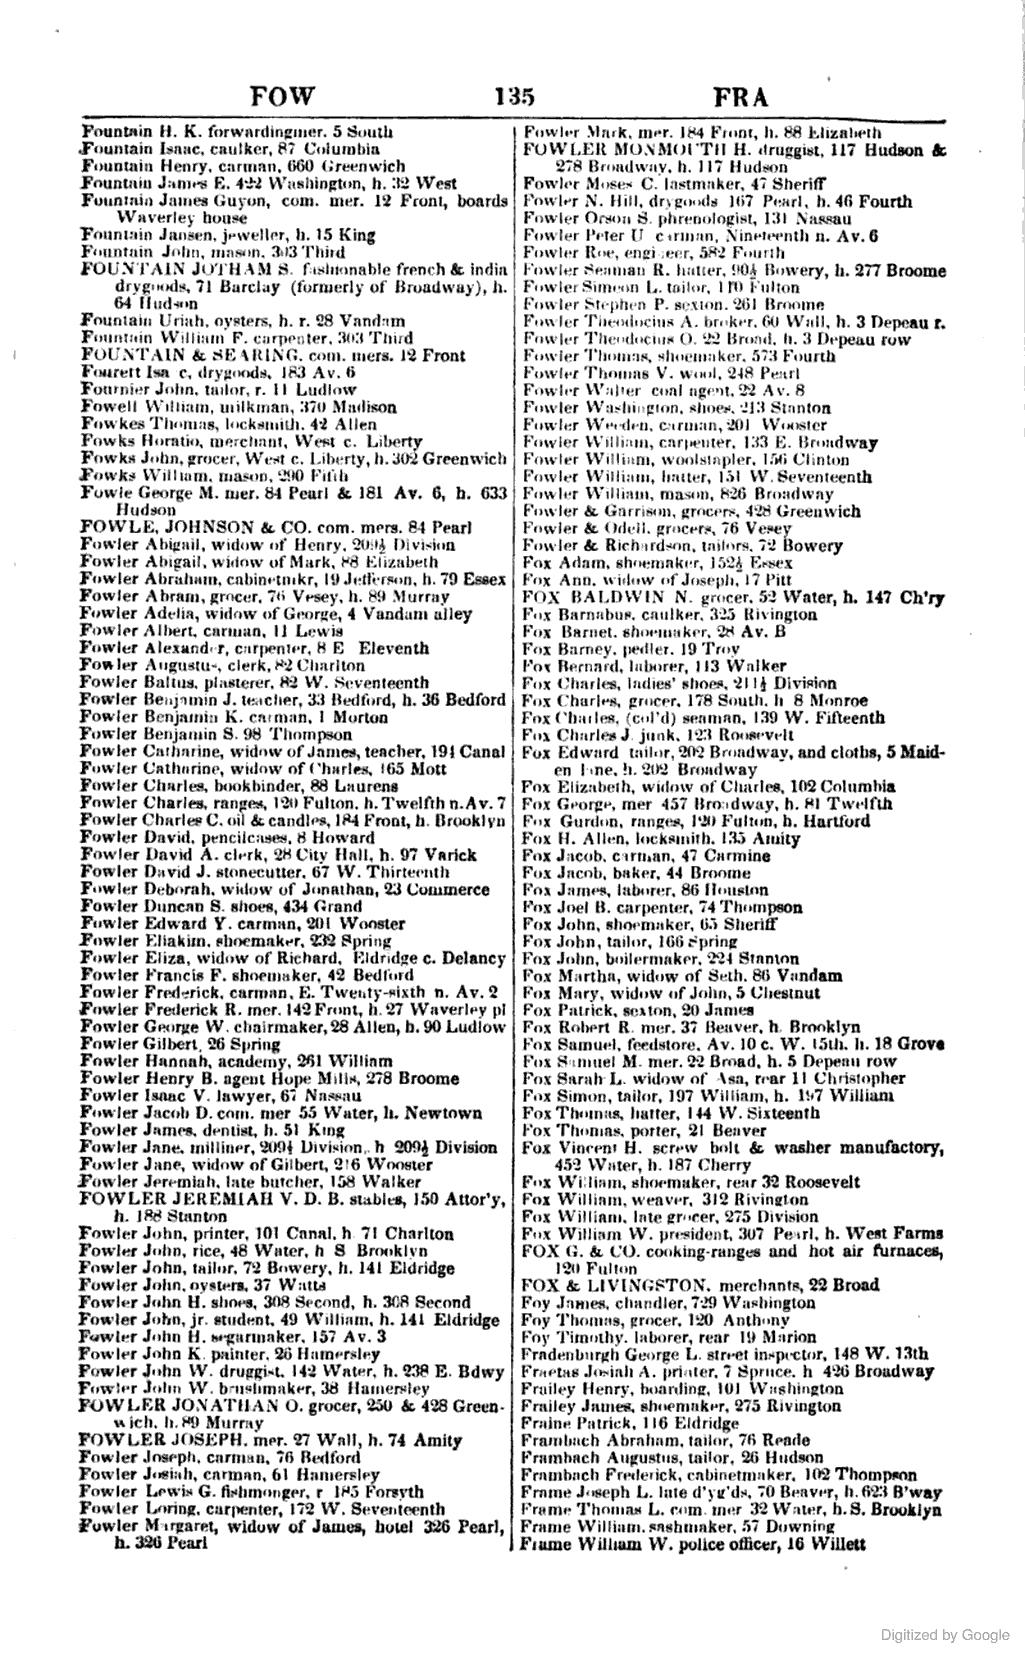 1845 Fowler Isaac V Lawyer 67 Nassau Nassau Team Blue New